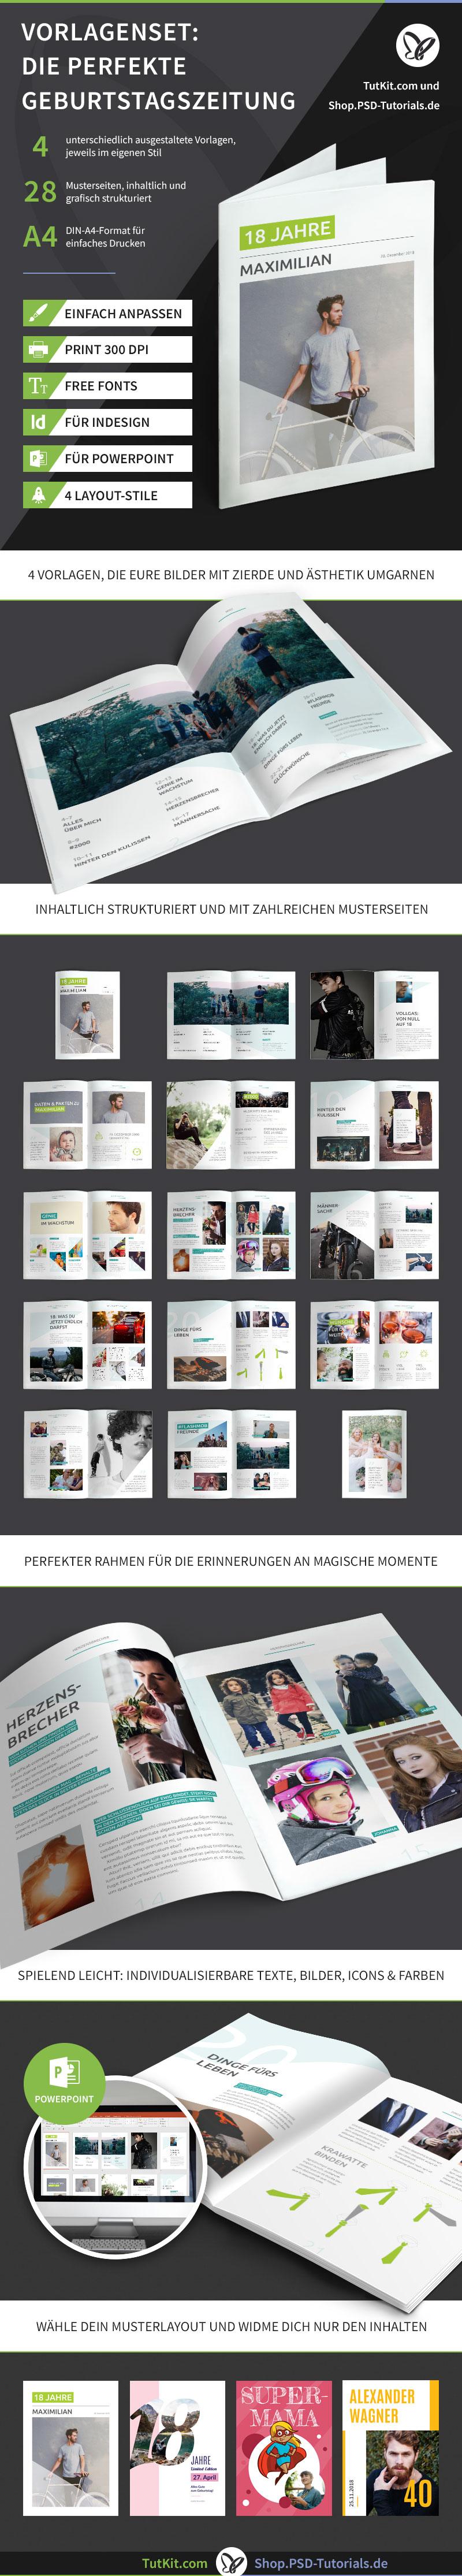 Überblick über die Vorlagen für Geburtstagszeitungen